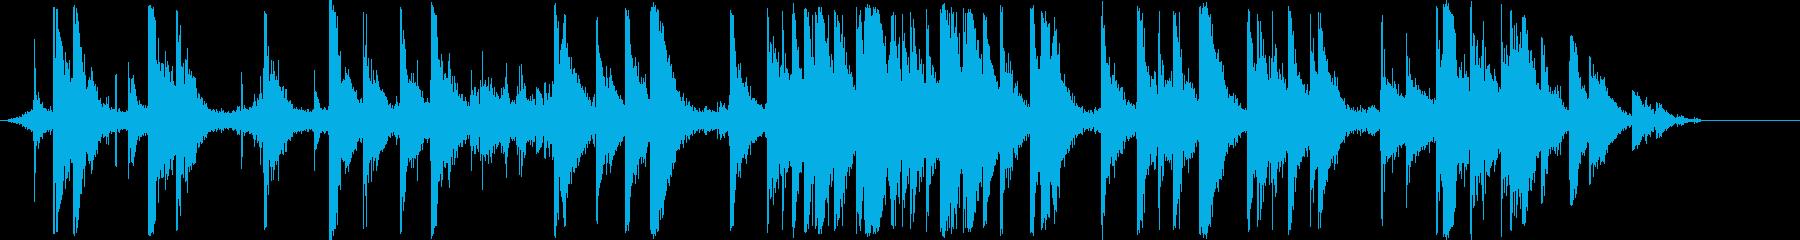 忠実な教会の歌の再生済みの波形